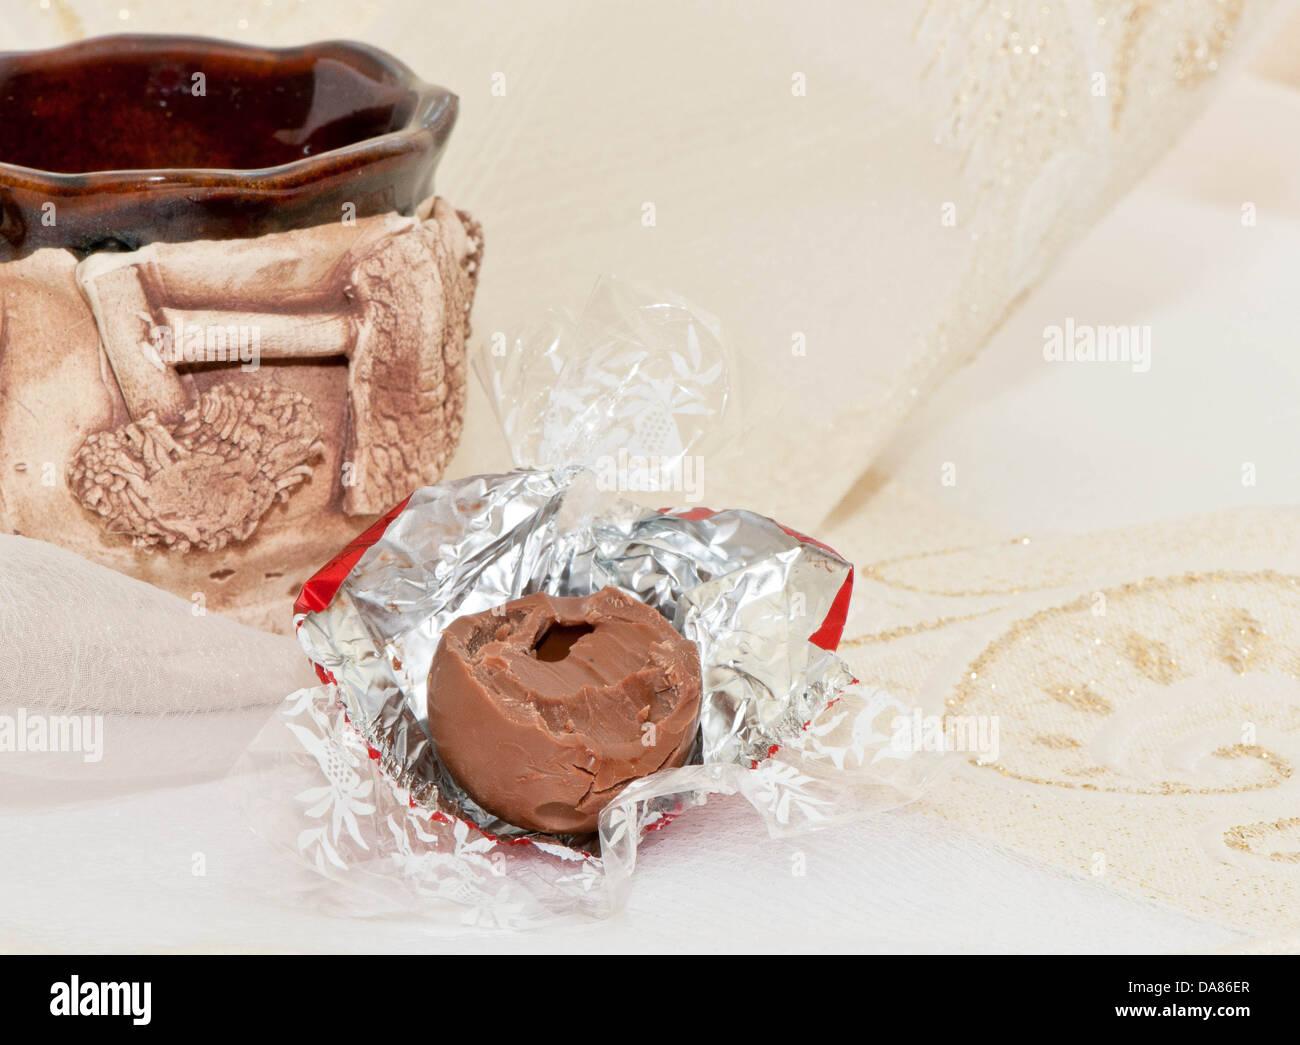 Hitze, Gewürz, Platte, E-Mail, Brown, Getränk, Konzepte, Zeichen, Frühstück, traditionelle Kultur, Stockbild